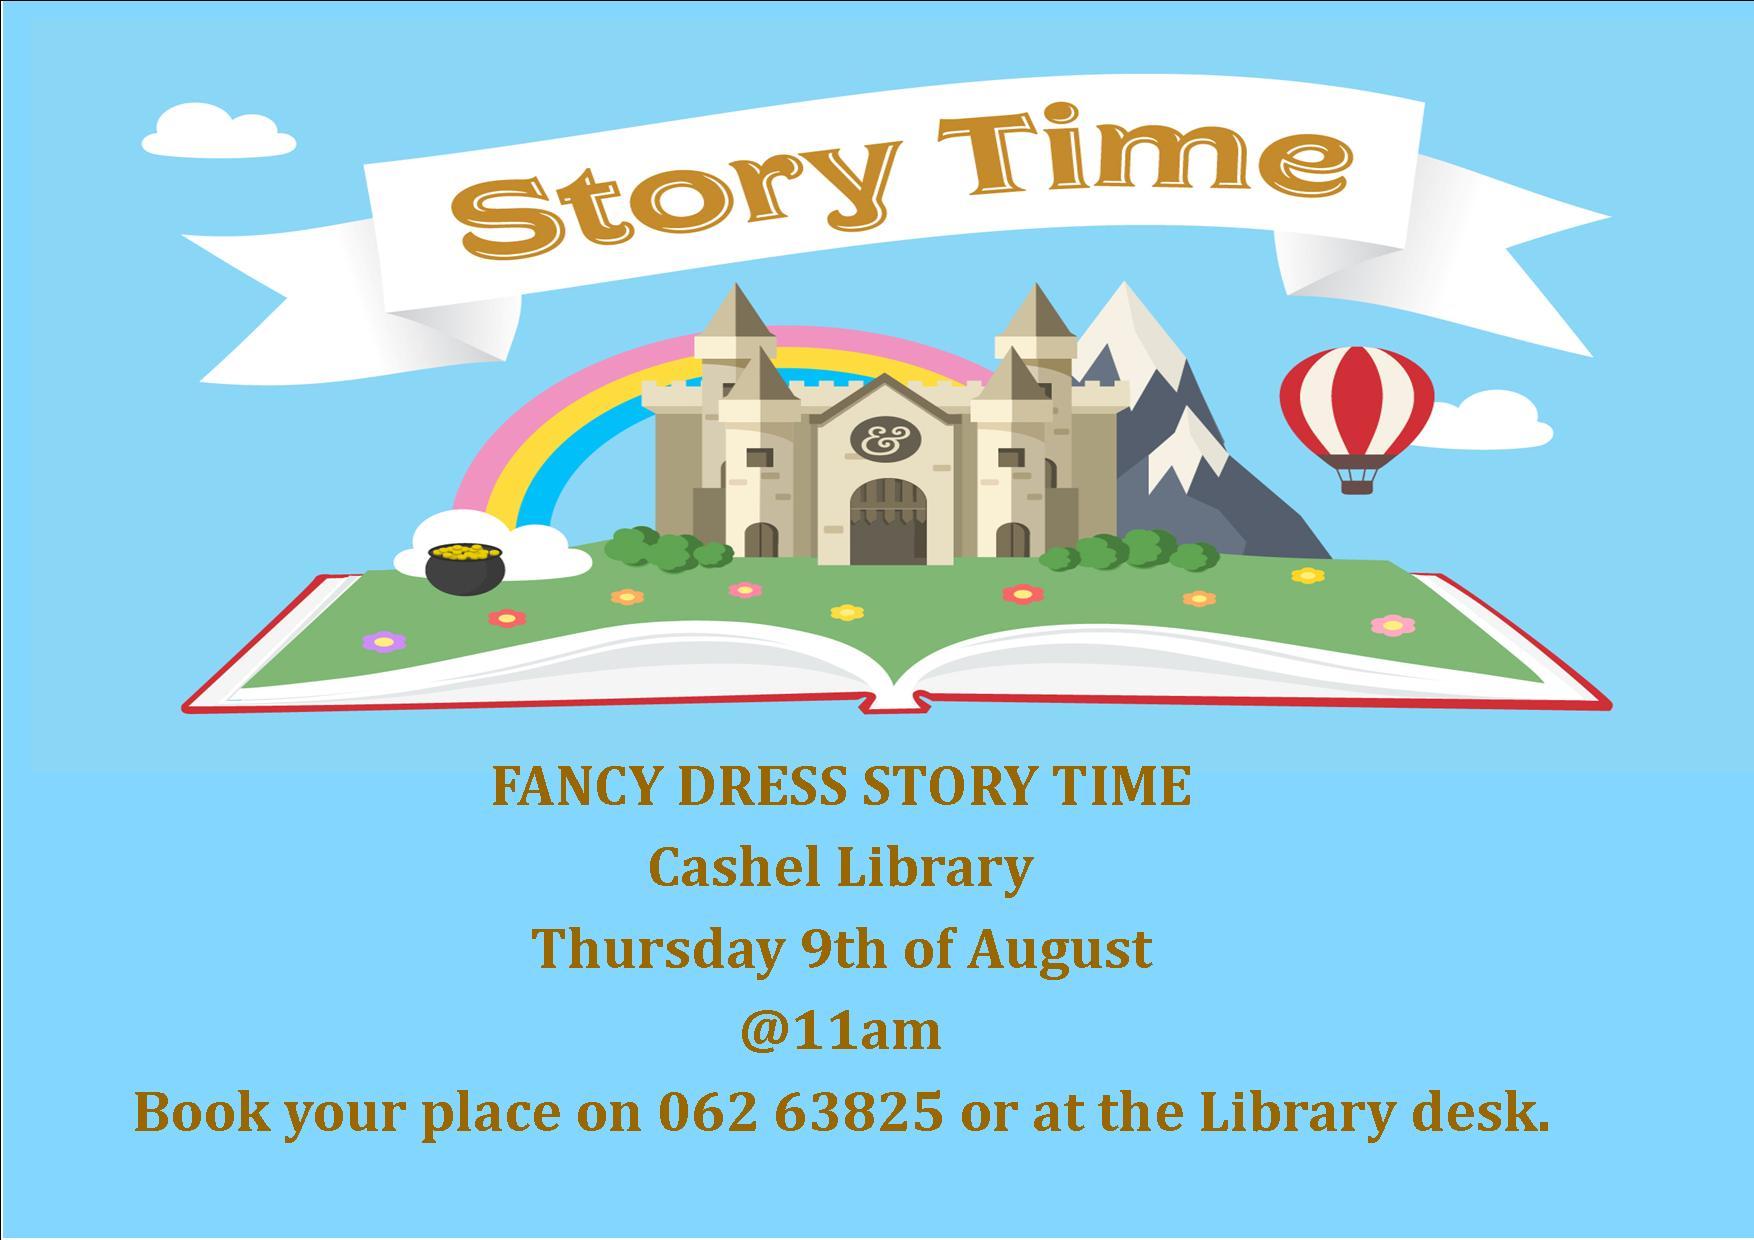 Fancy Dress Story Time In Cashel Library